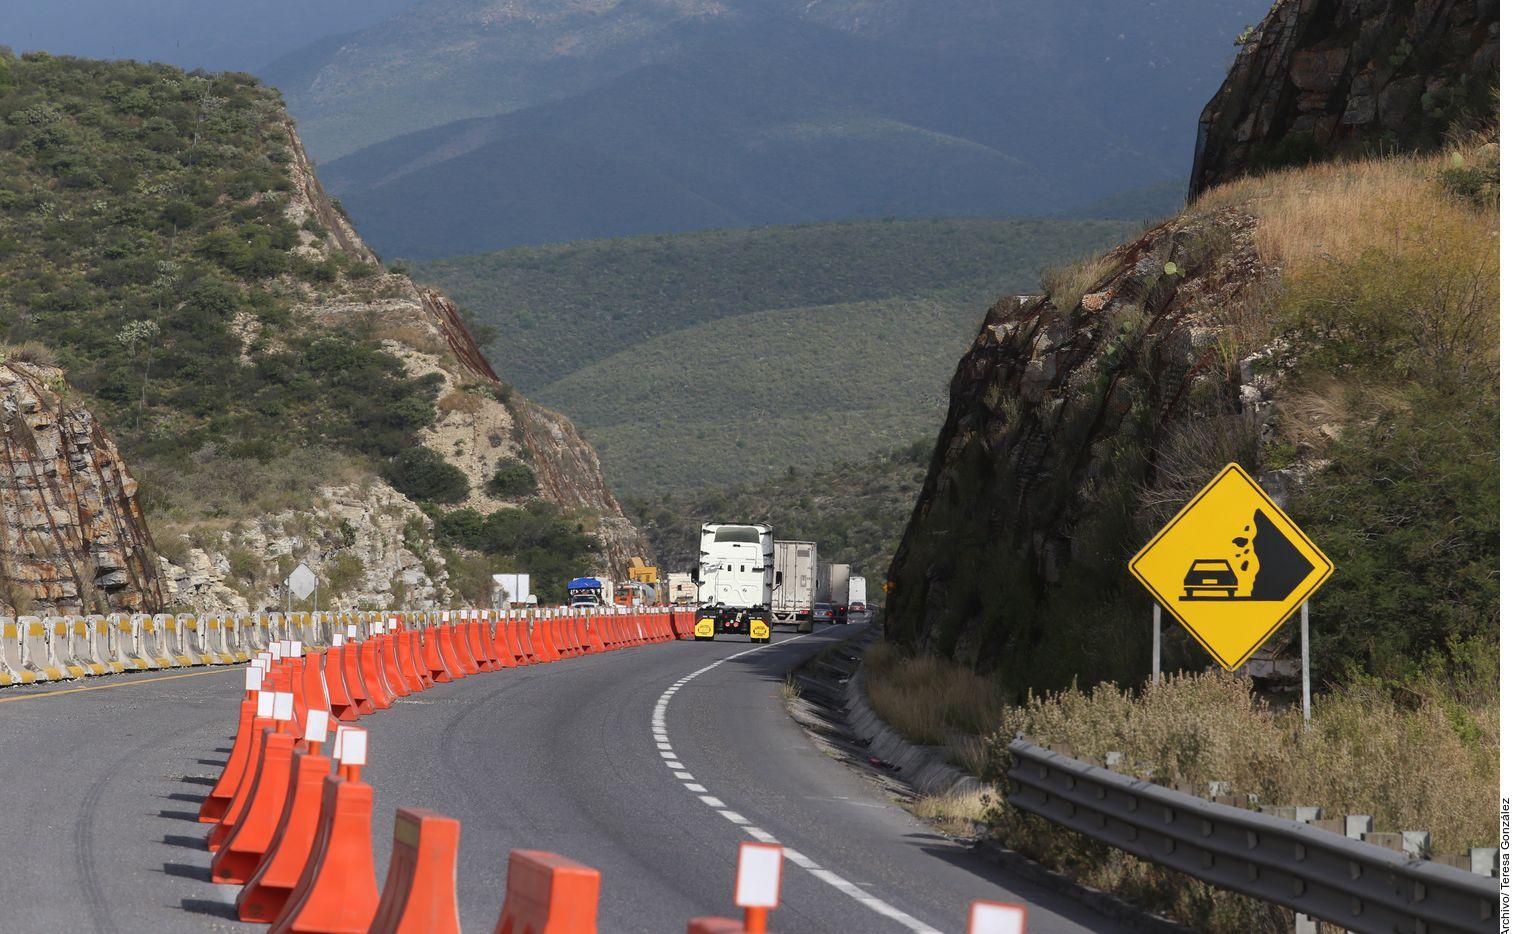 Desde octubre del 2020 y hasta el 24 de junio de 2021, se han reportado al menos 70 personas desaparecidas en la carretera de Monterrey a Nuevo Laredo.